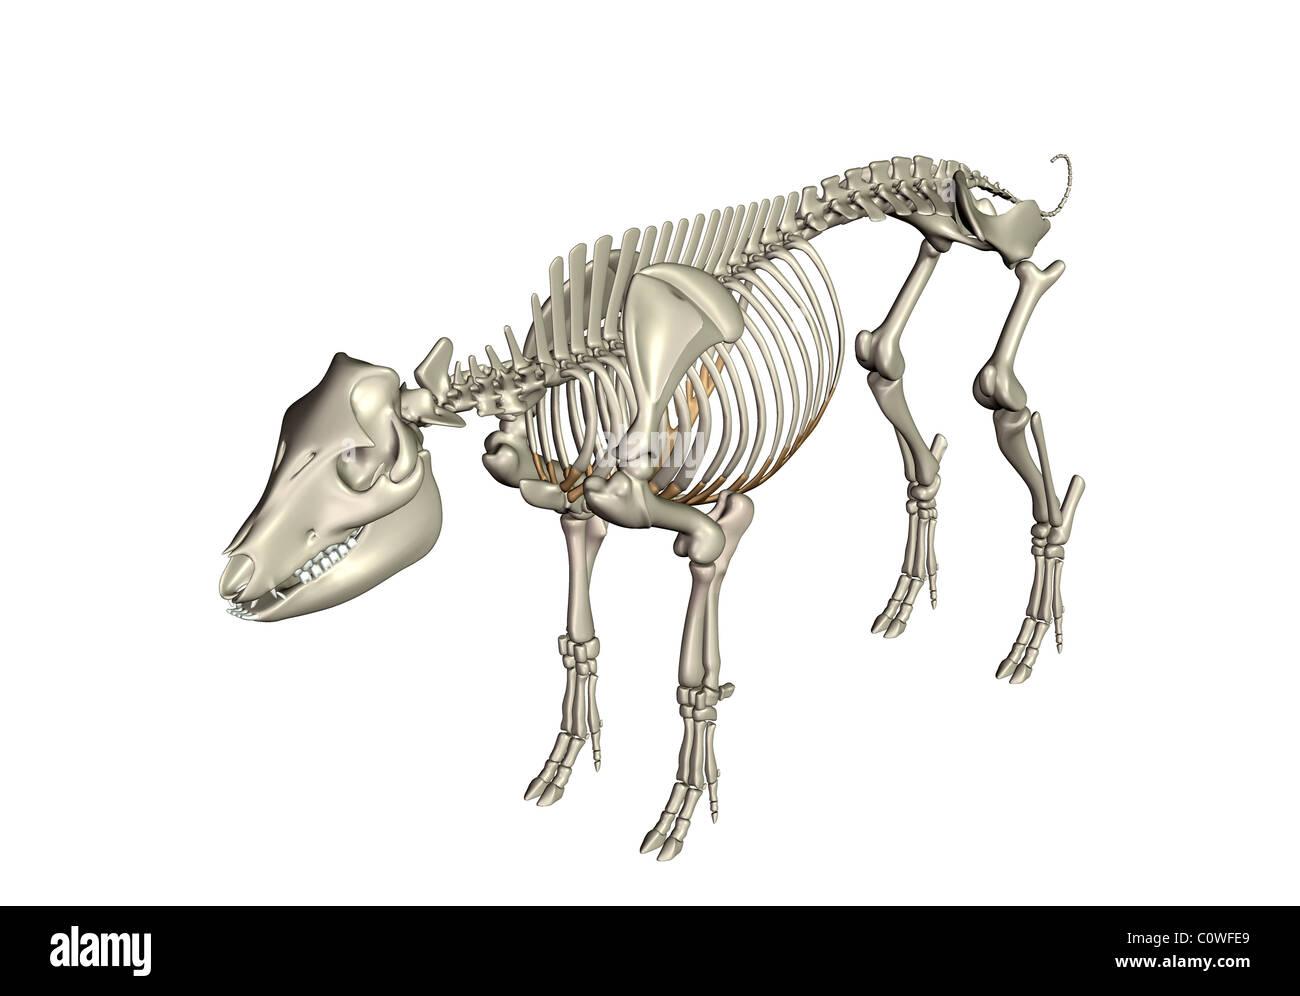 Schwein Anatomie Skelett Knochen Stockfoto, Bild: 34981697 - Alamy